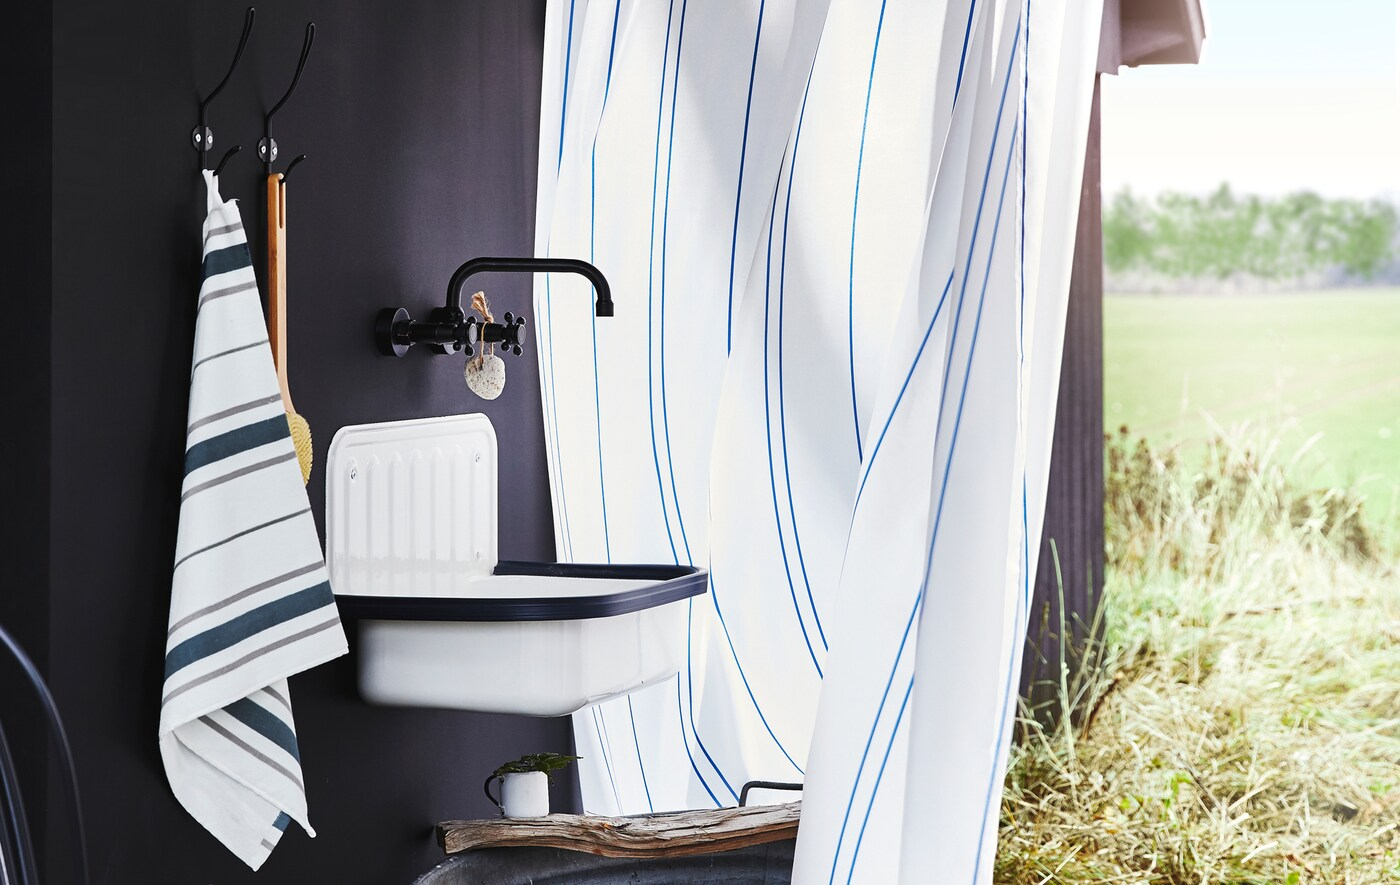 Полотенце, крючки, раковина и смеситель на черной стене с полем за полосатой занавеской для душа.